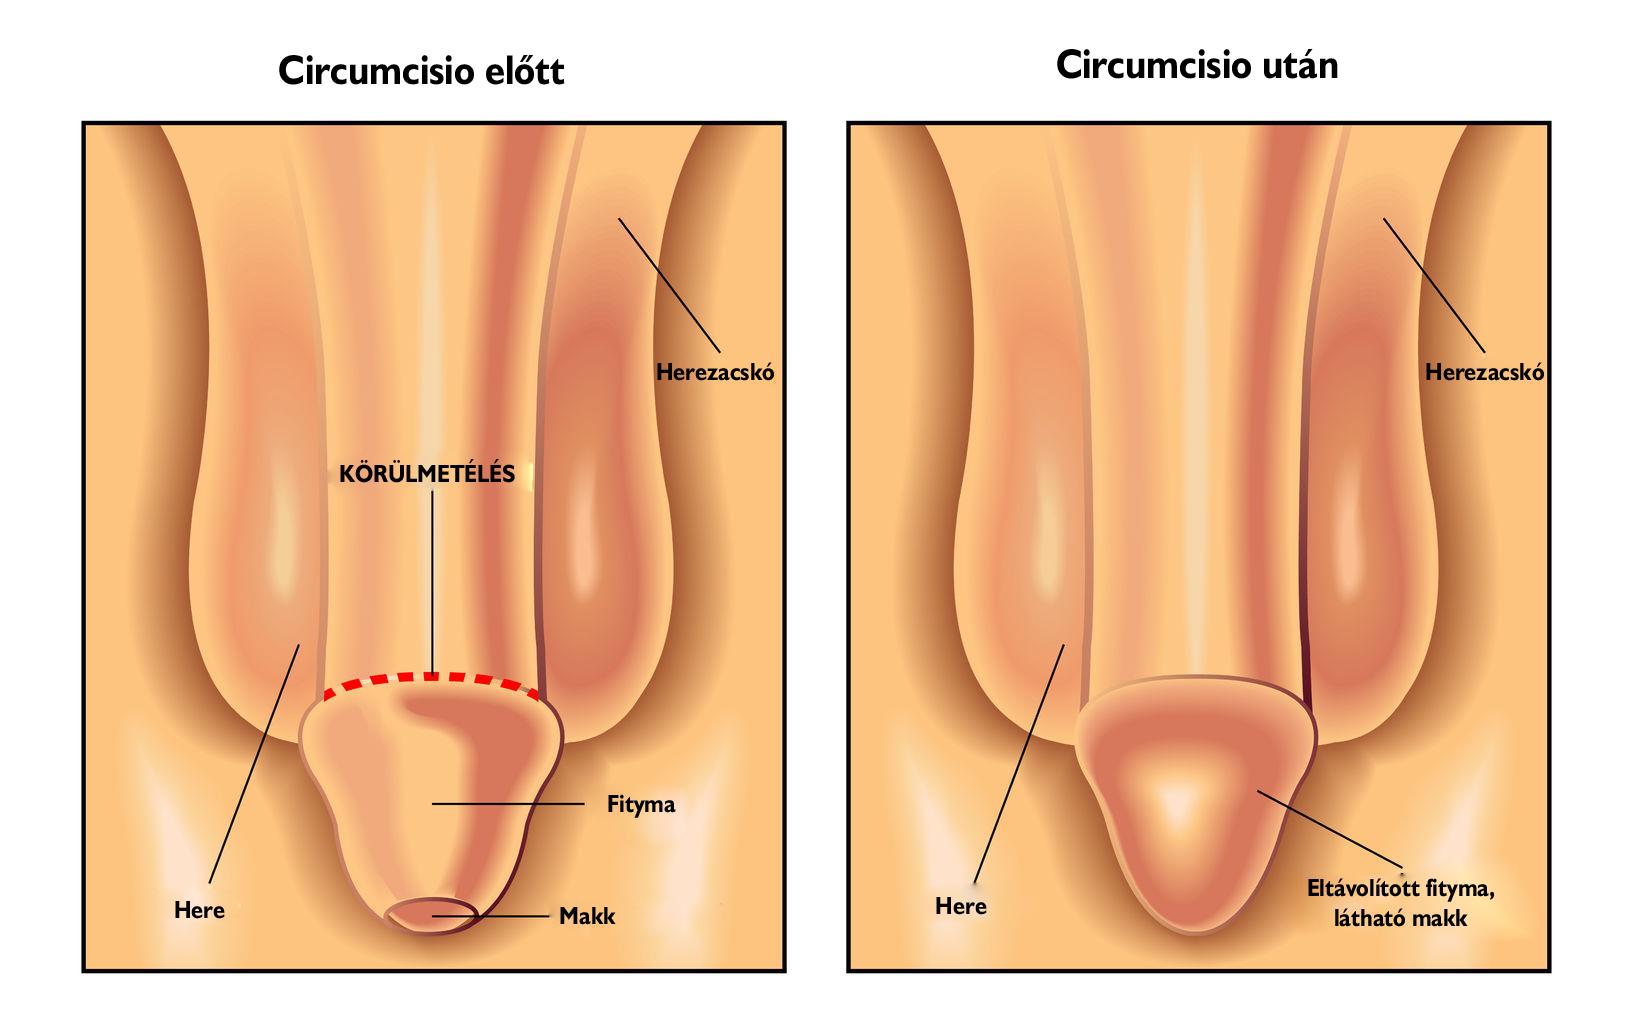 pénisz erekciós gyakorlatok hány cm a norma a pénisznél